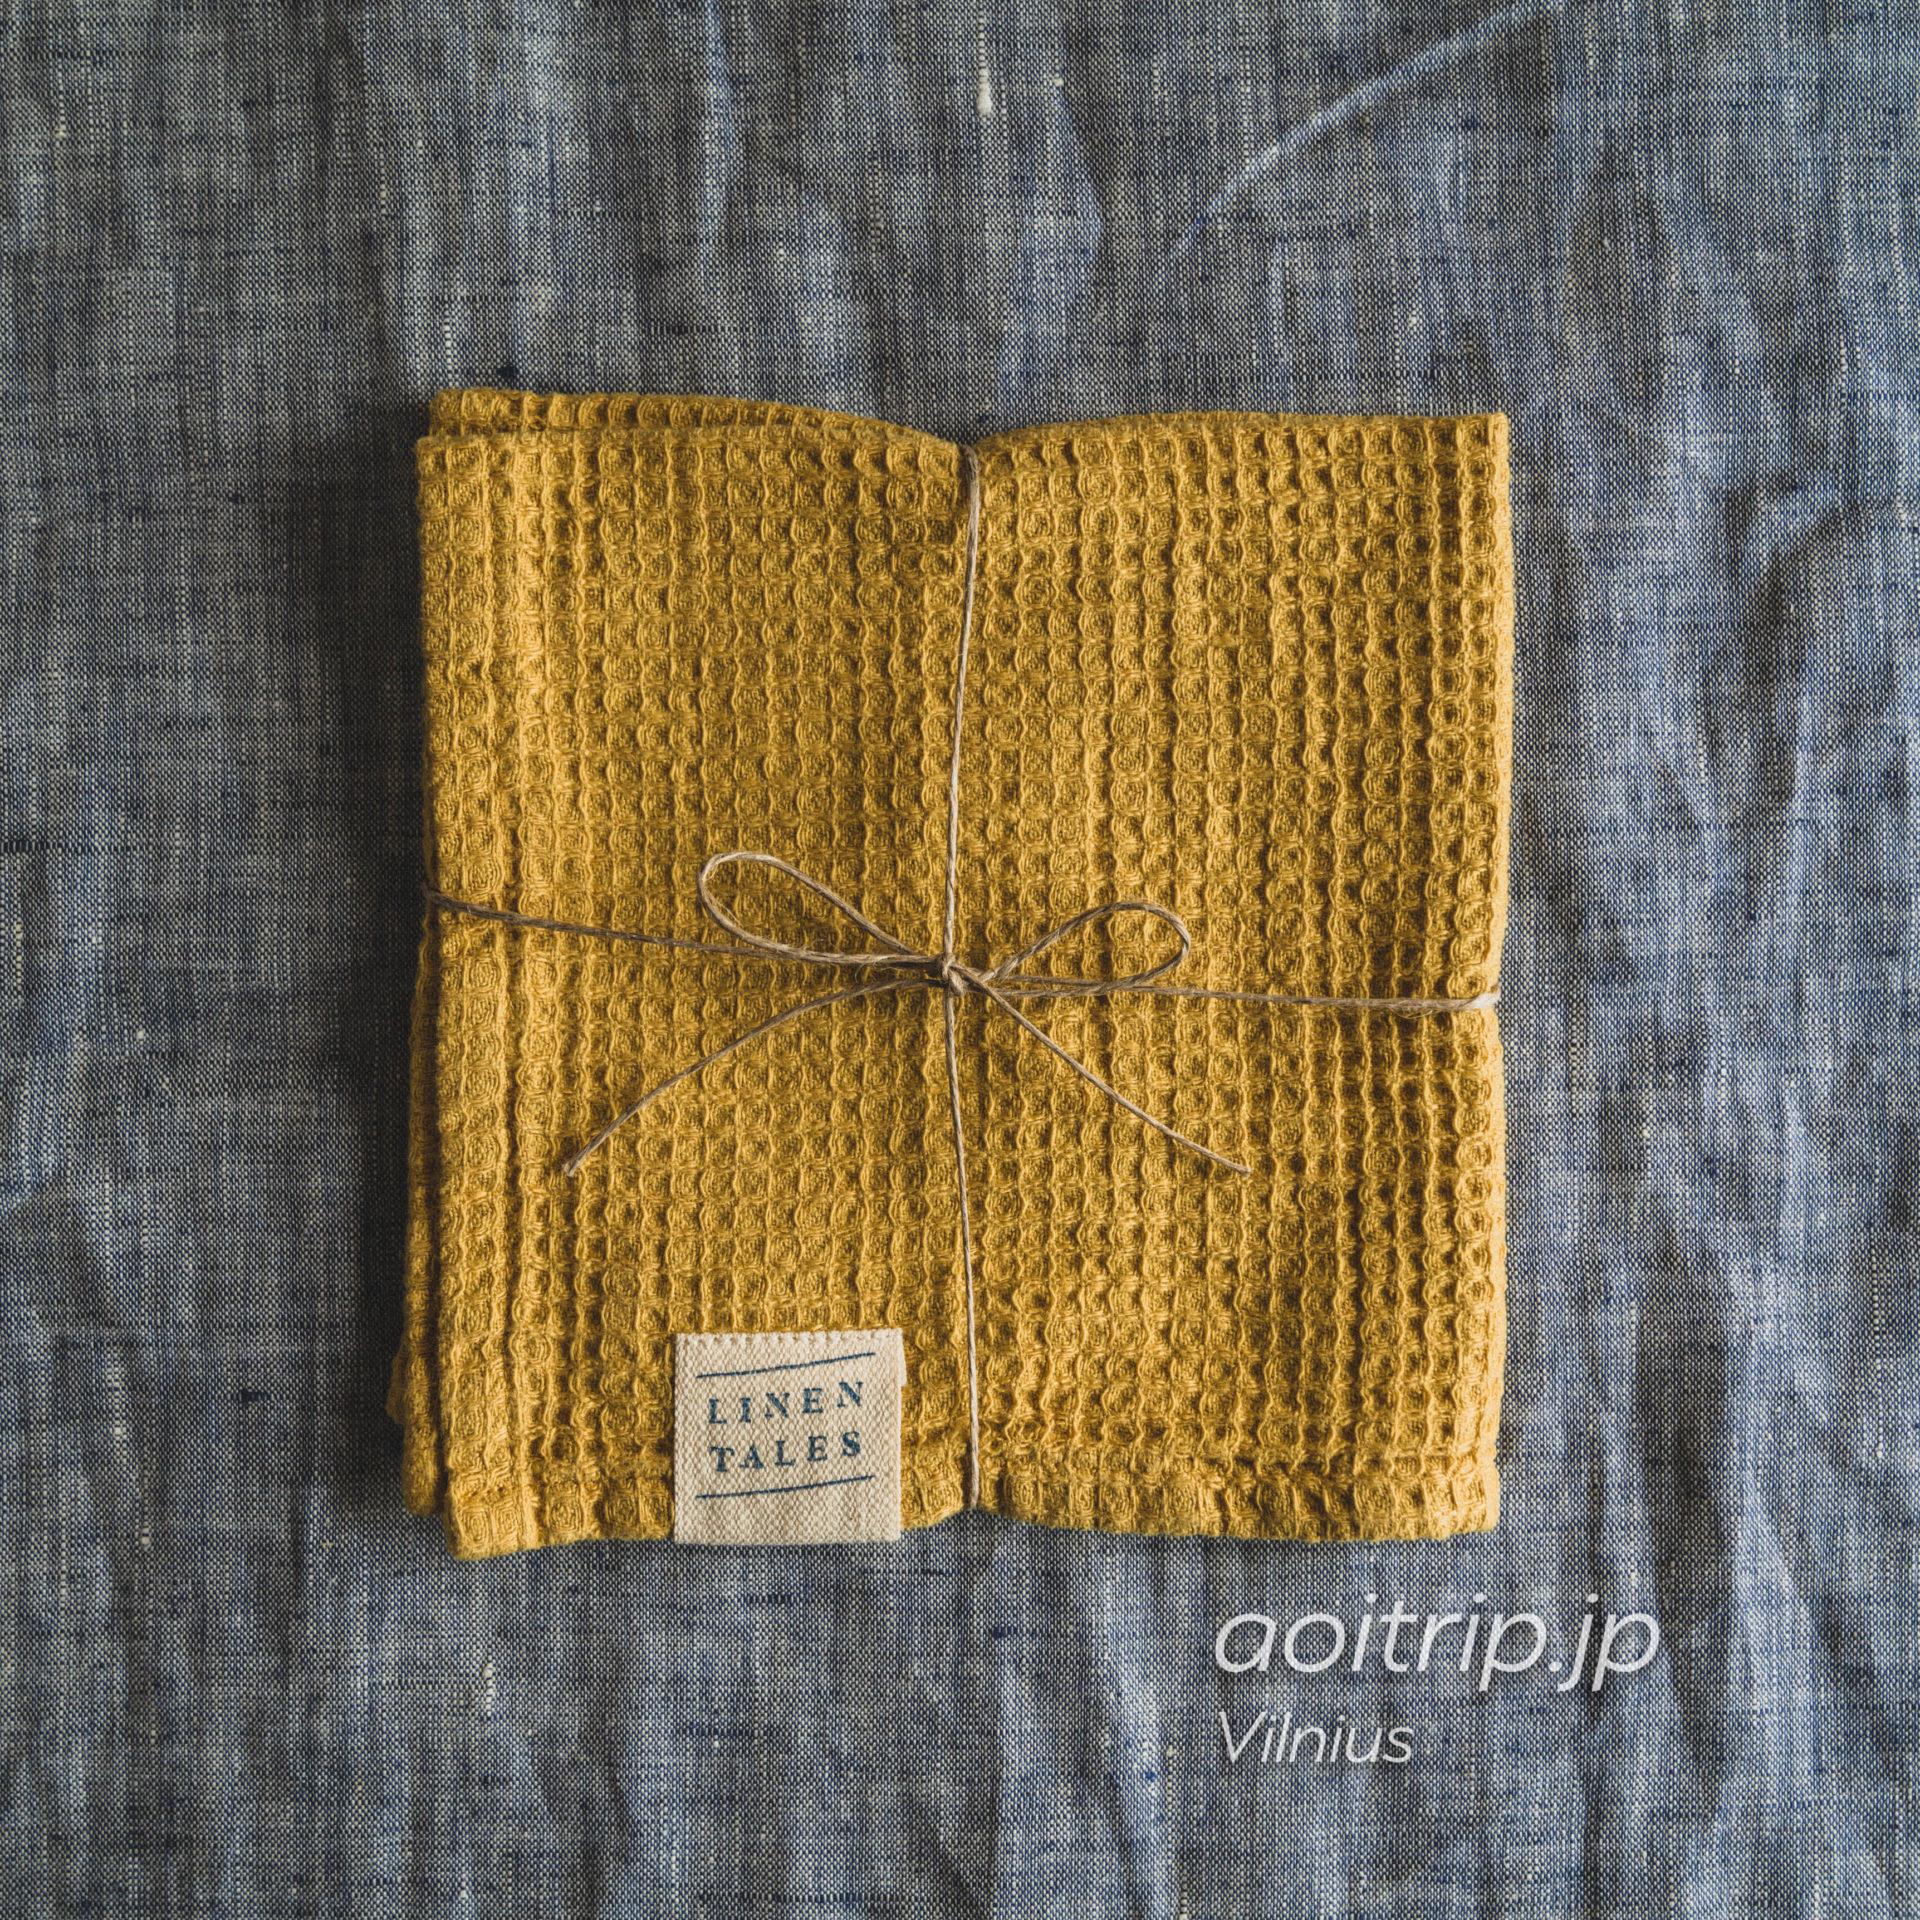 リトアニア ヴィリニュスのリネンテイルズ(Linen Tales)54%Linen and 46%Cotton made in Lithuania. 30×30. €6.90